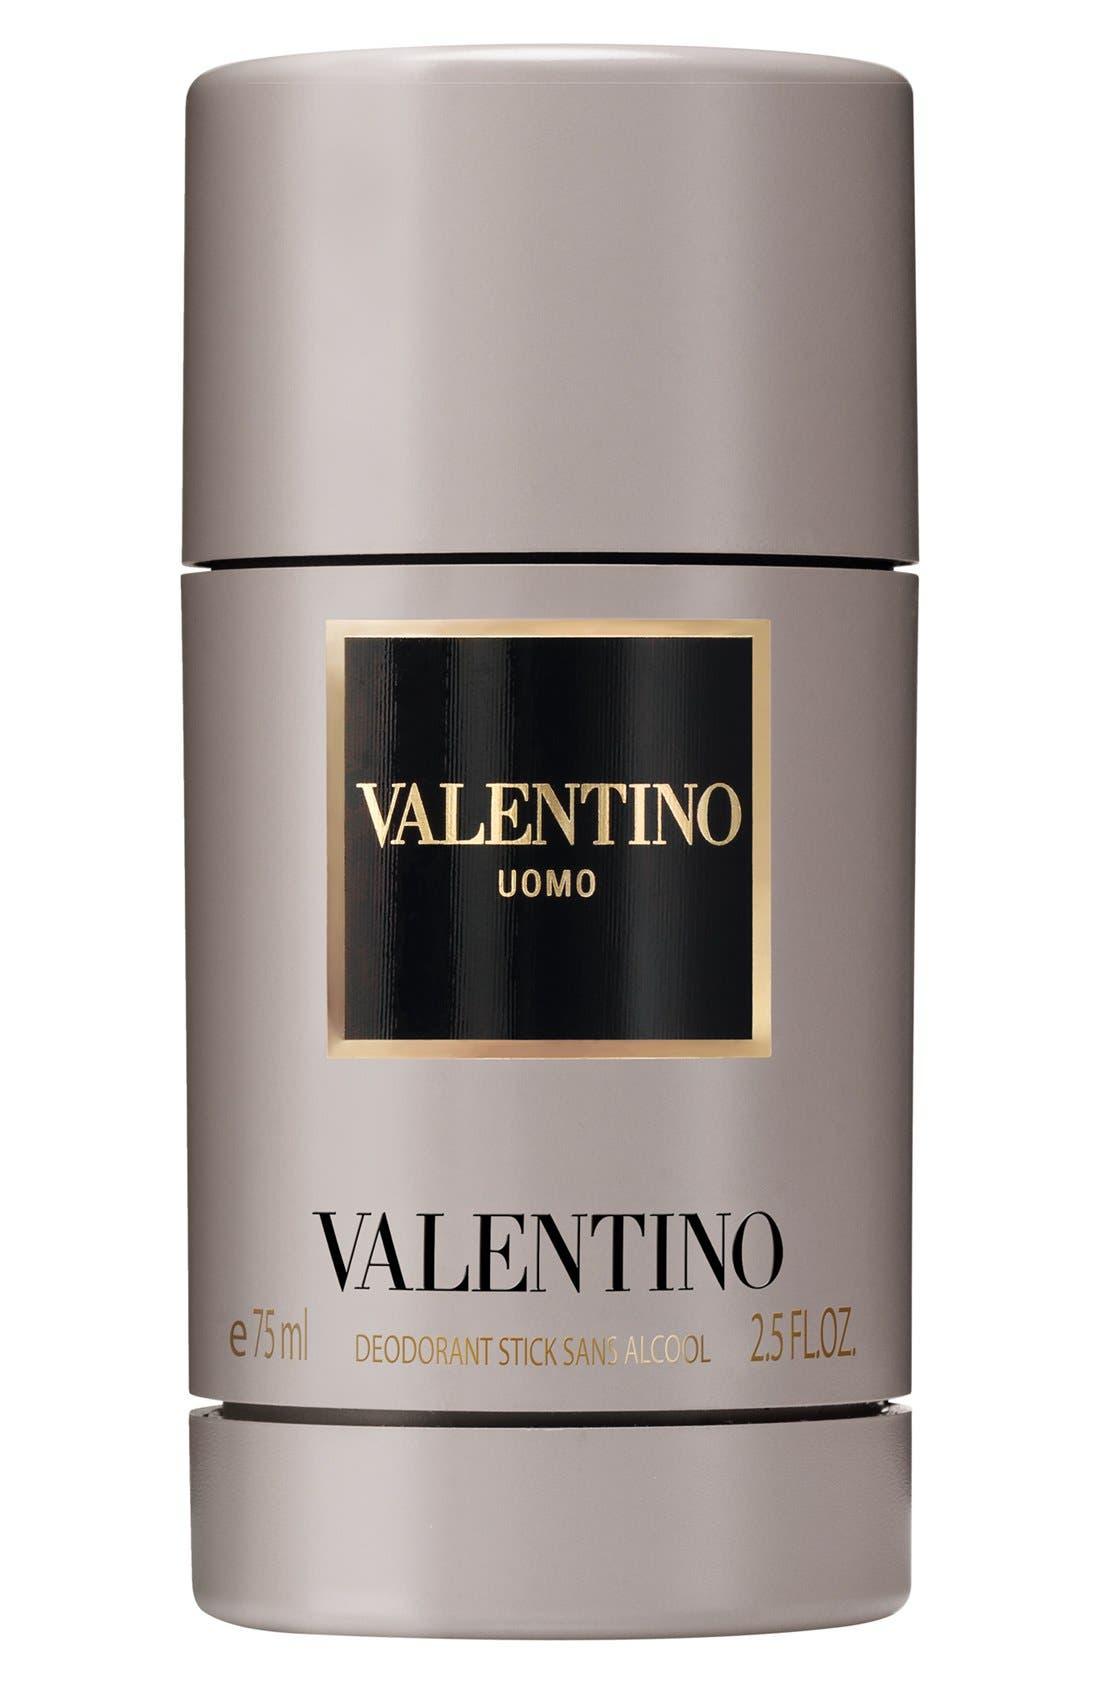 Valentino 'Uomo' Deodorant Stick